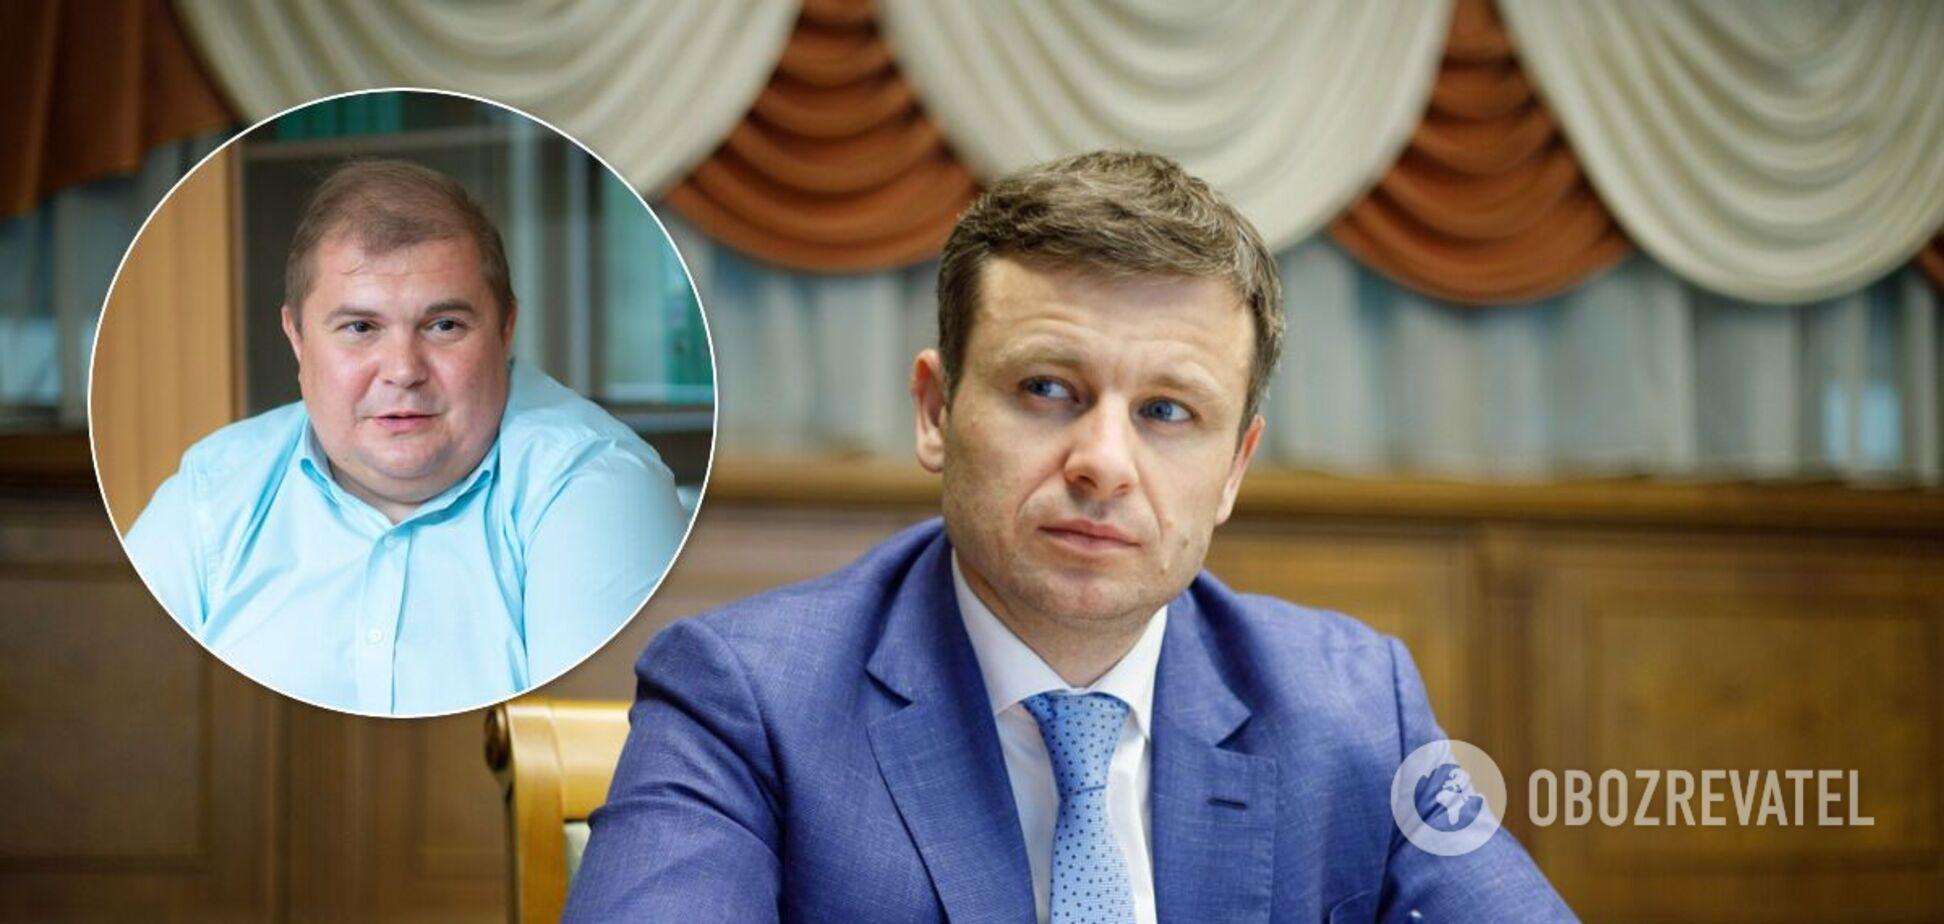 Марченко про скандальне призначення Пудрика: якщо немає кримінальних справ – нехай працює